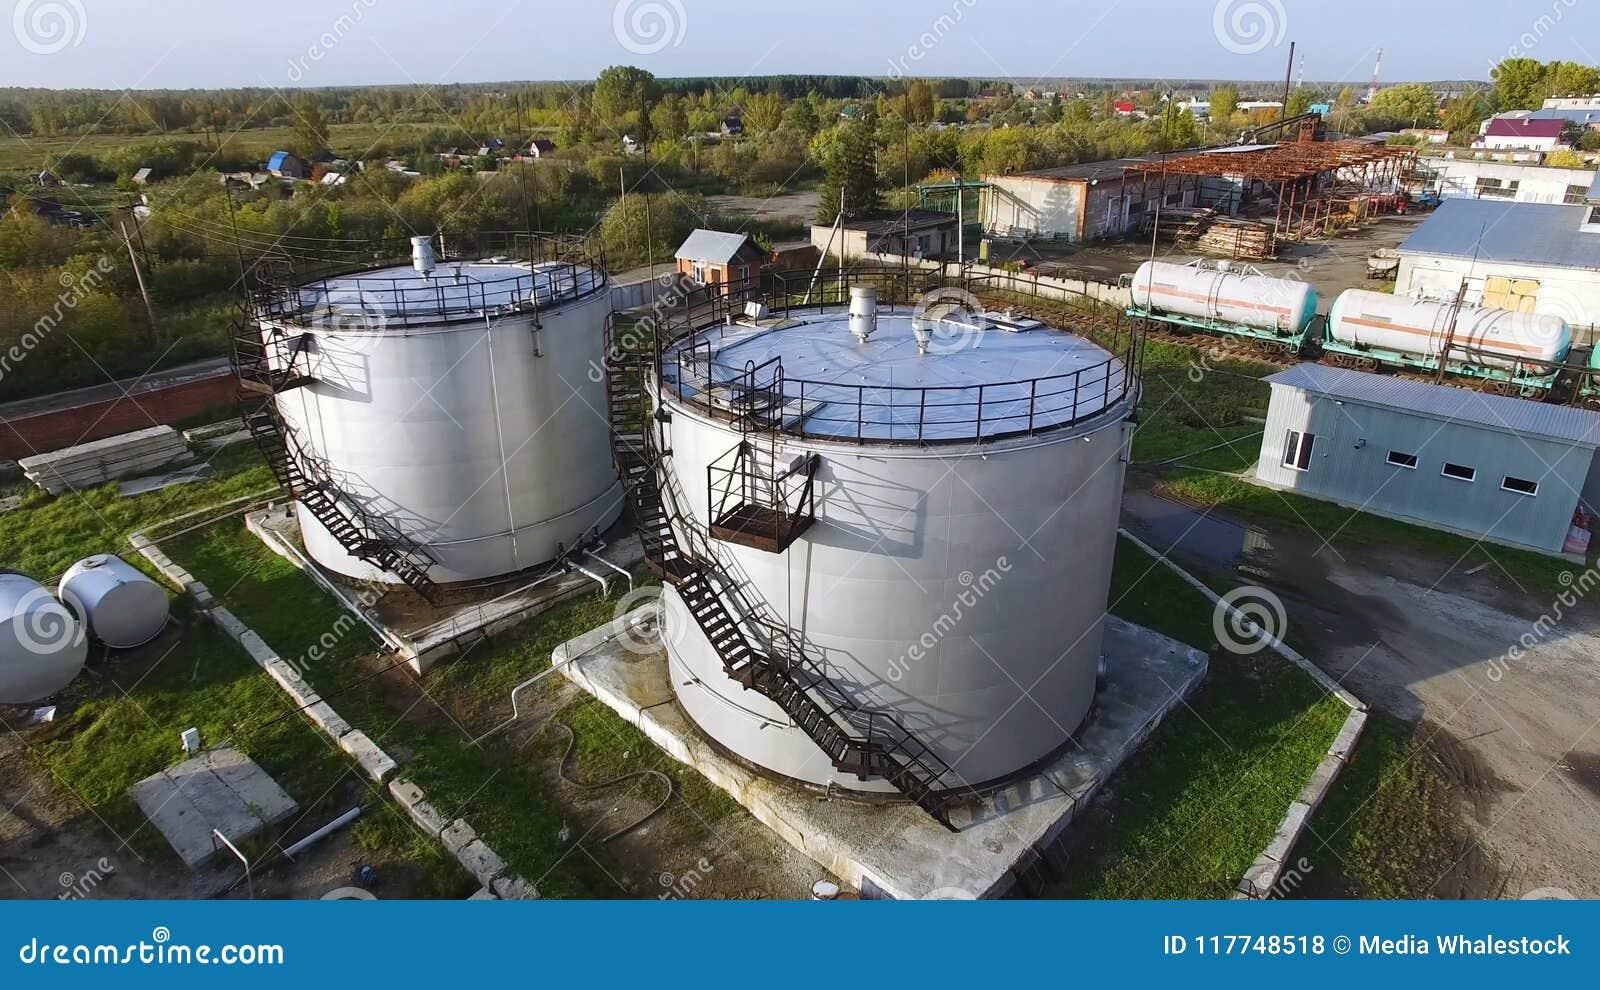 Εναέριες τοπ δεξαμενές αποθήκευσης πετρελαίου άποψης απόθεμα Τοπ άποψη των μεγάλων δεξαμενών πετρελαίου